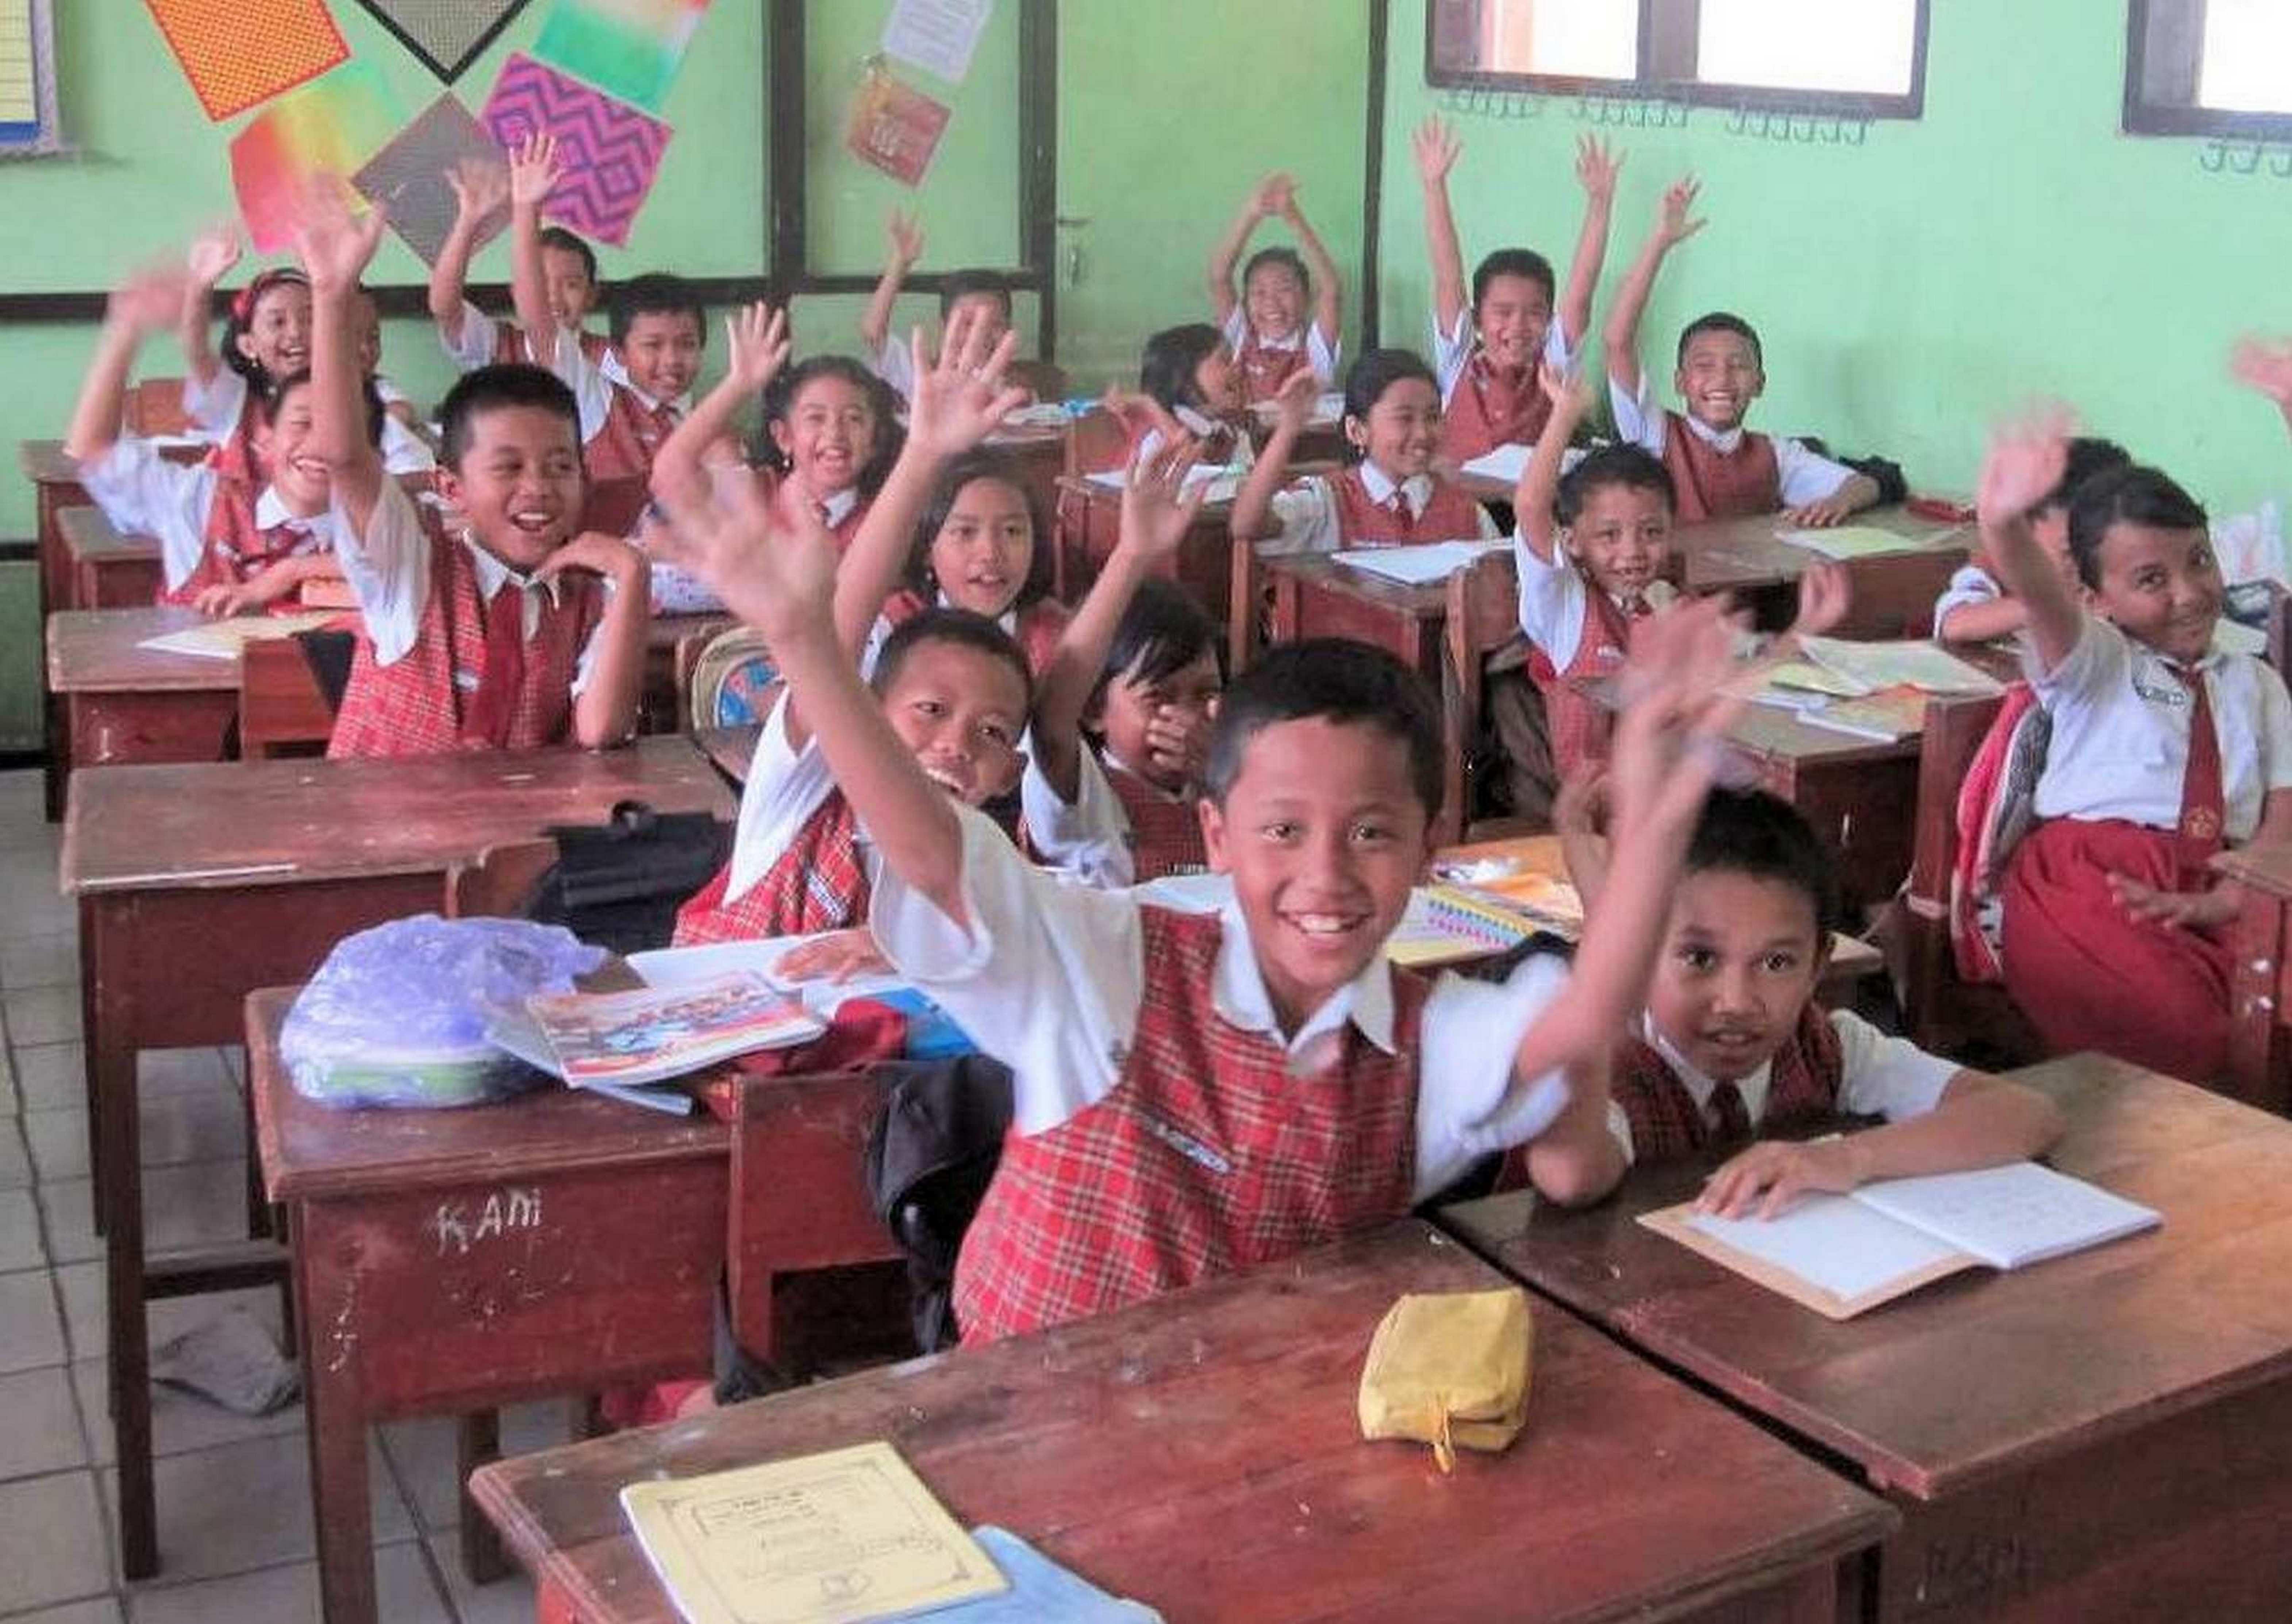 De West-Friese stichting Kartini zet zich al veertig jaar in voor kansarme kinderen in de regio Malang op Oost Java, Indonesië. Het doel: door scholing de kinderen een kans te geven op een betere toekomst. (Foto: aangeleverd)